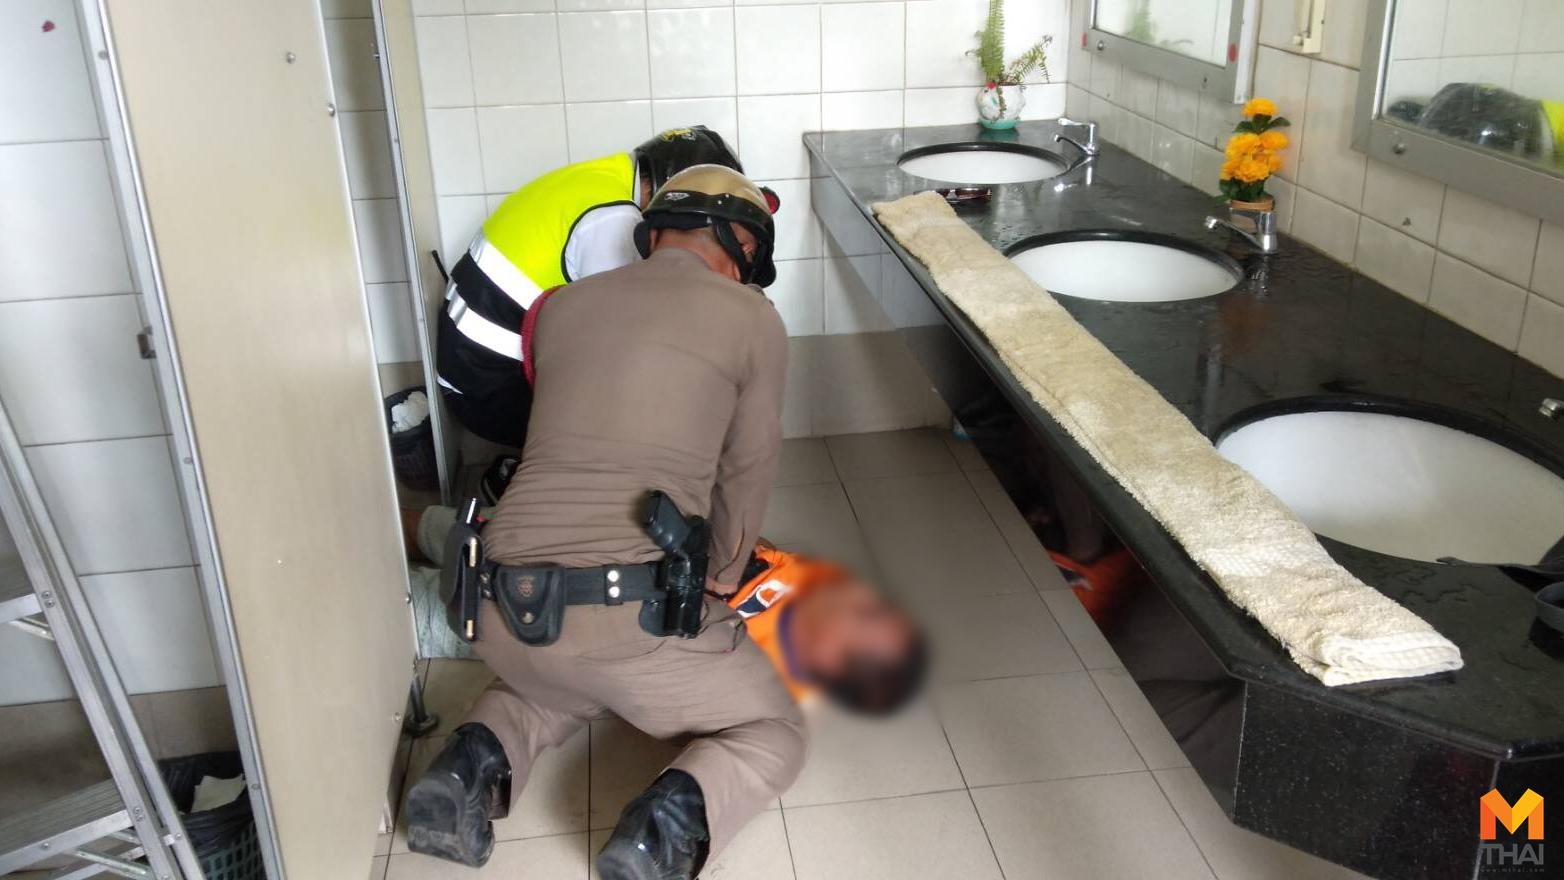 ตำรวจช่วยคนหมดสติ ทำ CPR ปฐมพยาบาล ปั๊มหัวใจ